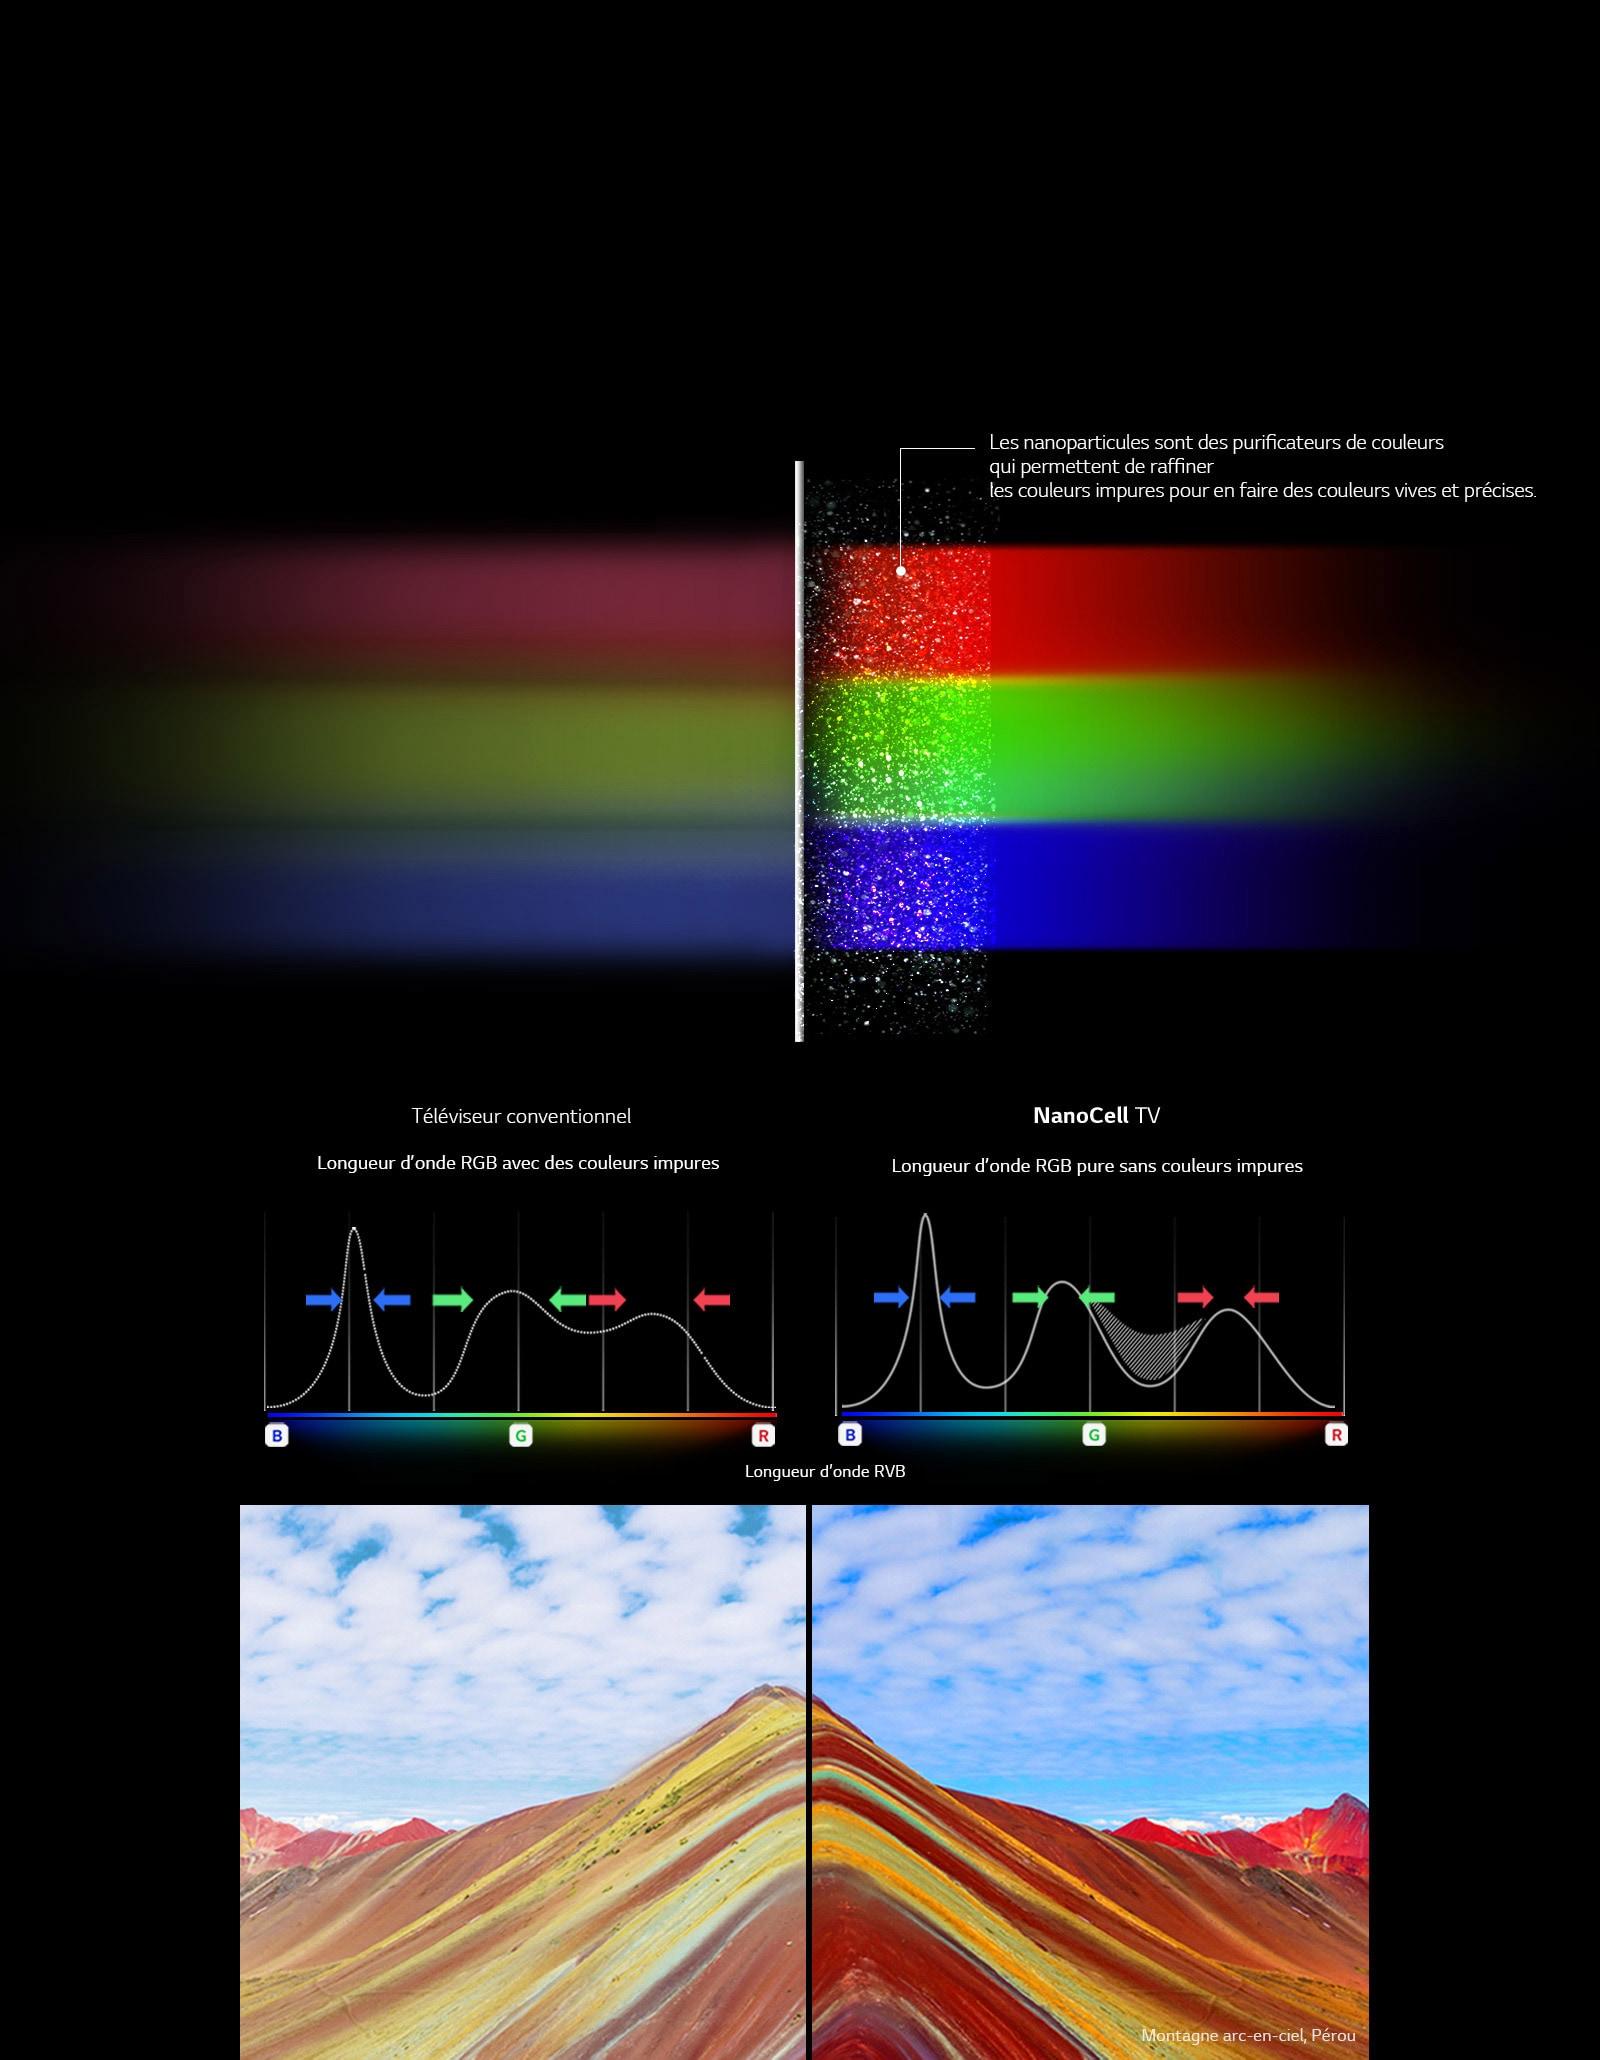 Couleurs pures grâce à la technologie NanoCell1